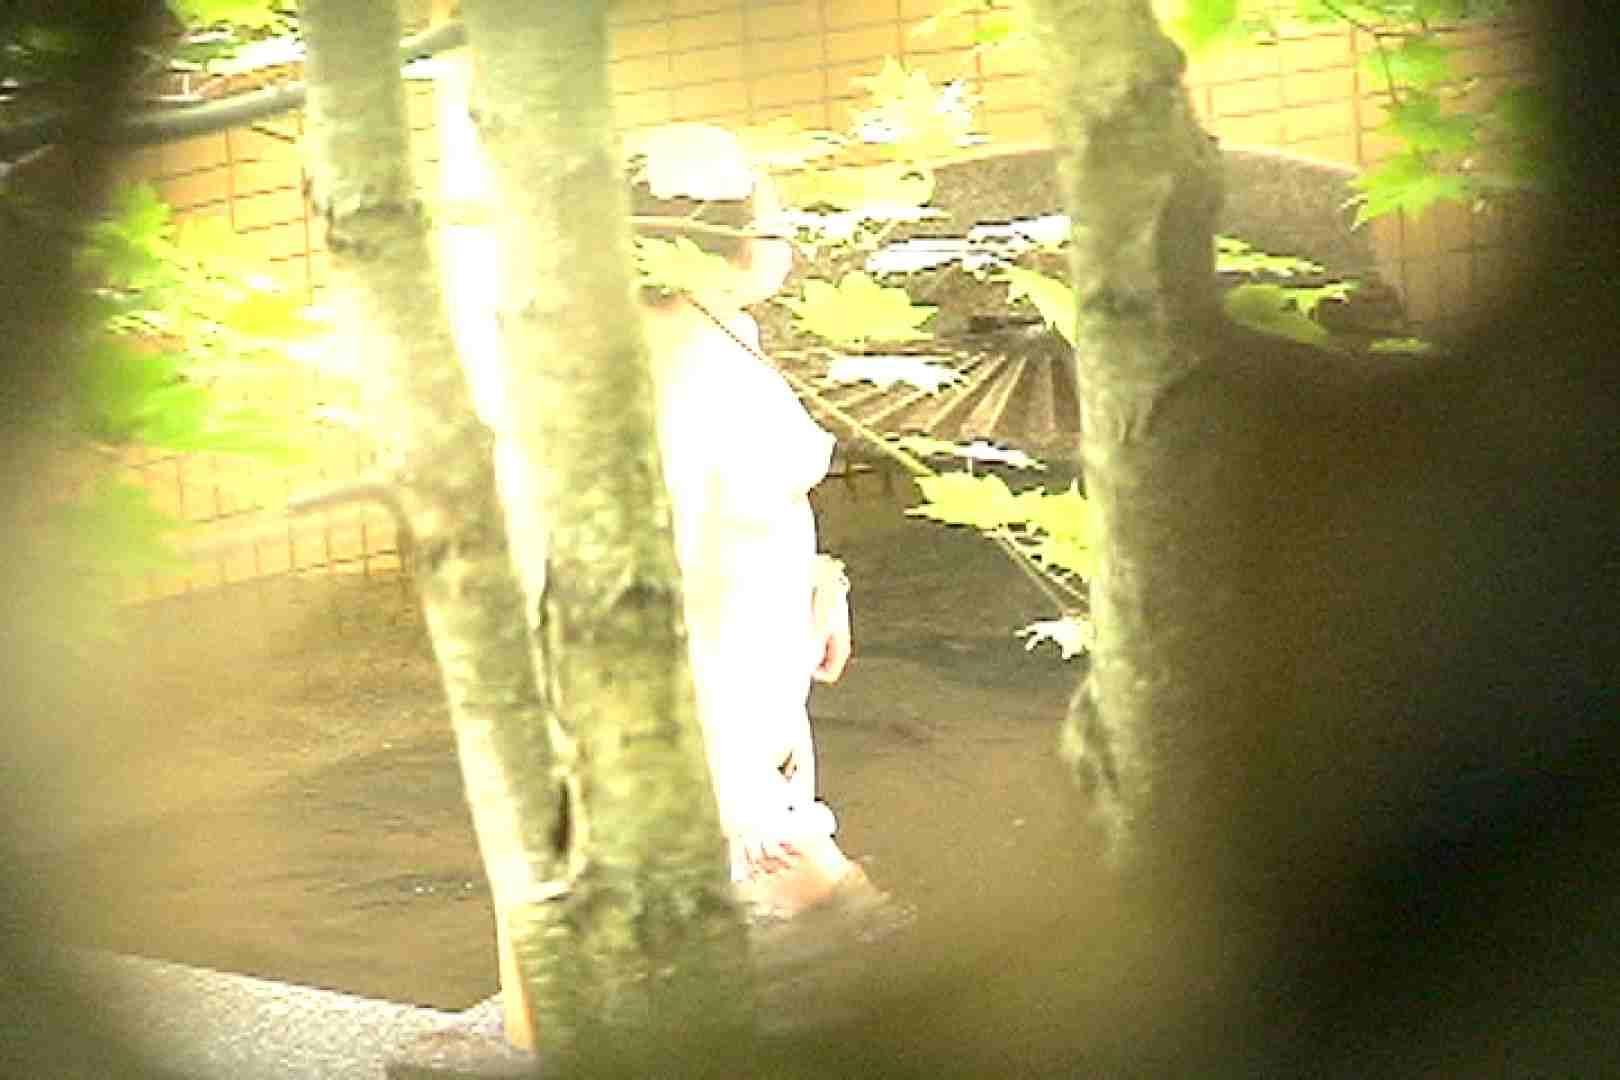 Aquaな露天風呂Vol.708 OLエロ画像  76PICs 39